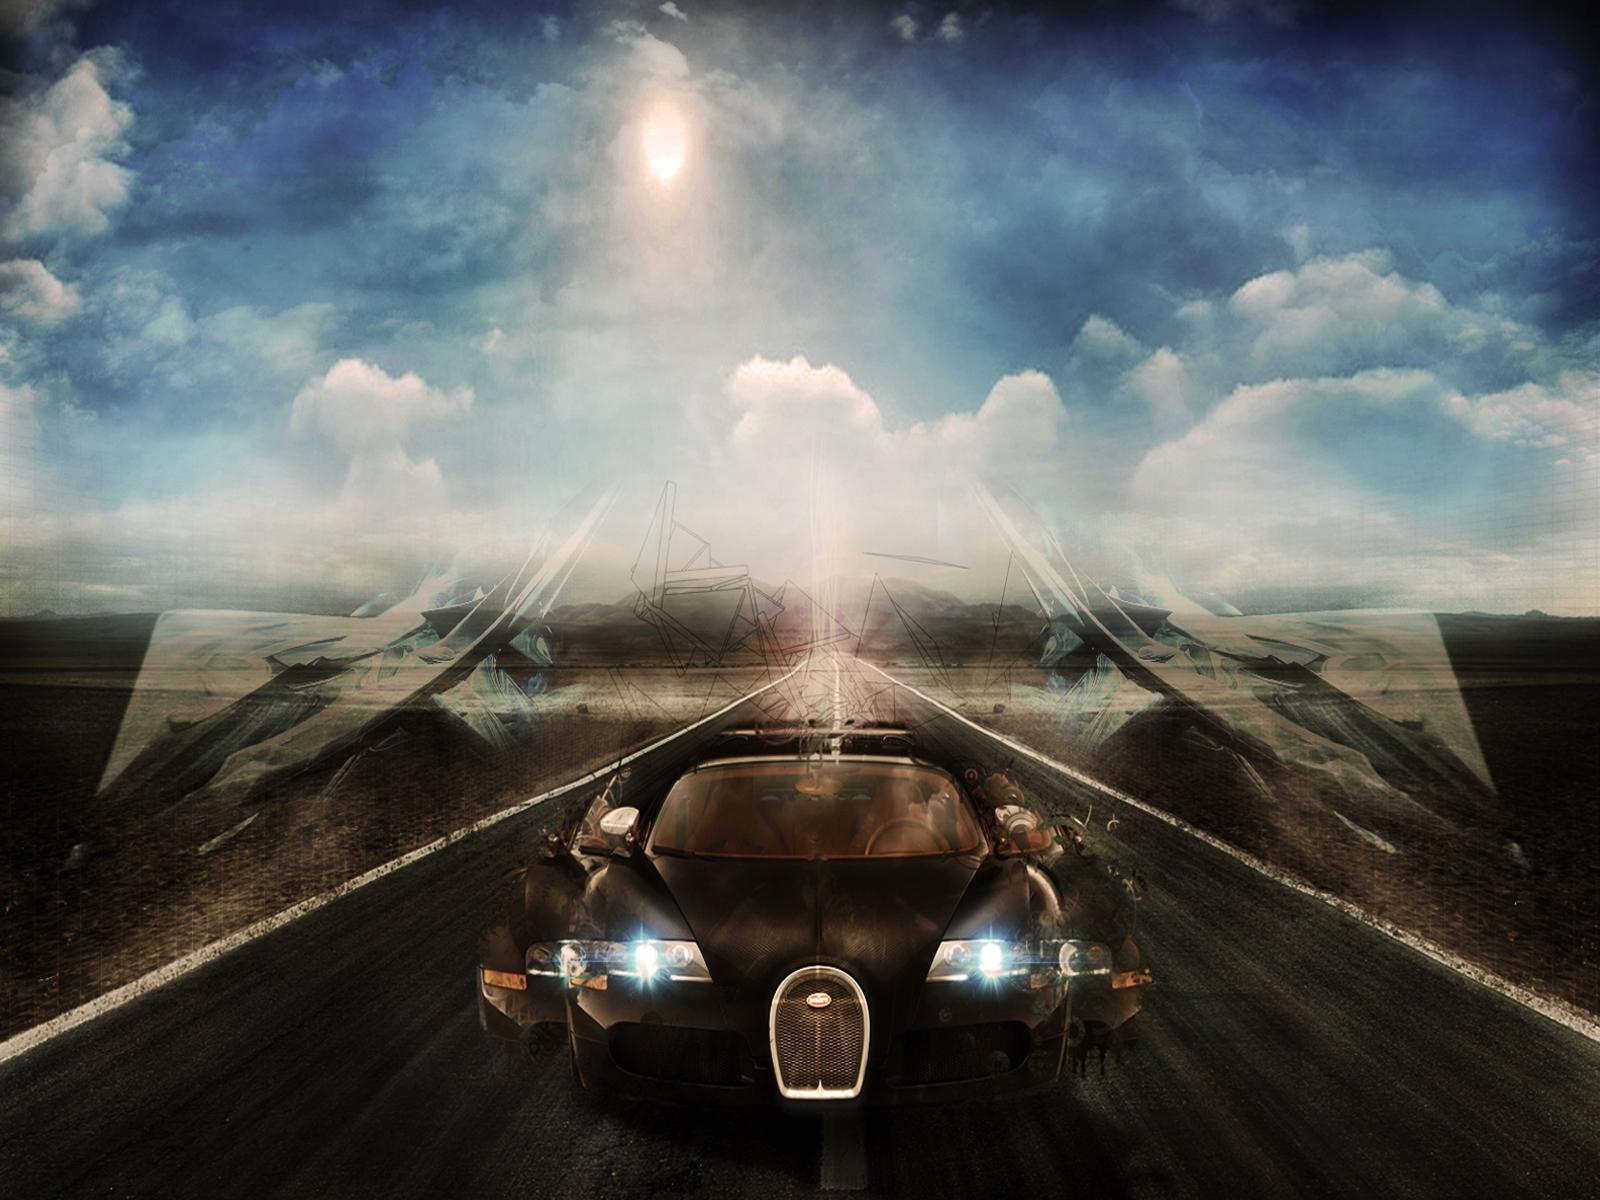 1600x1200 Bugatti Veyron desktop PC and Mac wallpaper 1600x1200